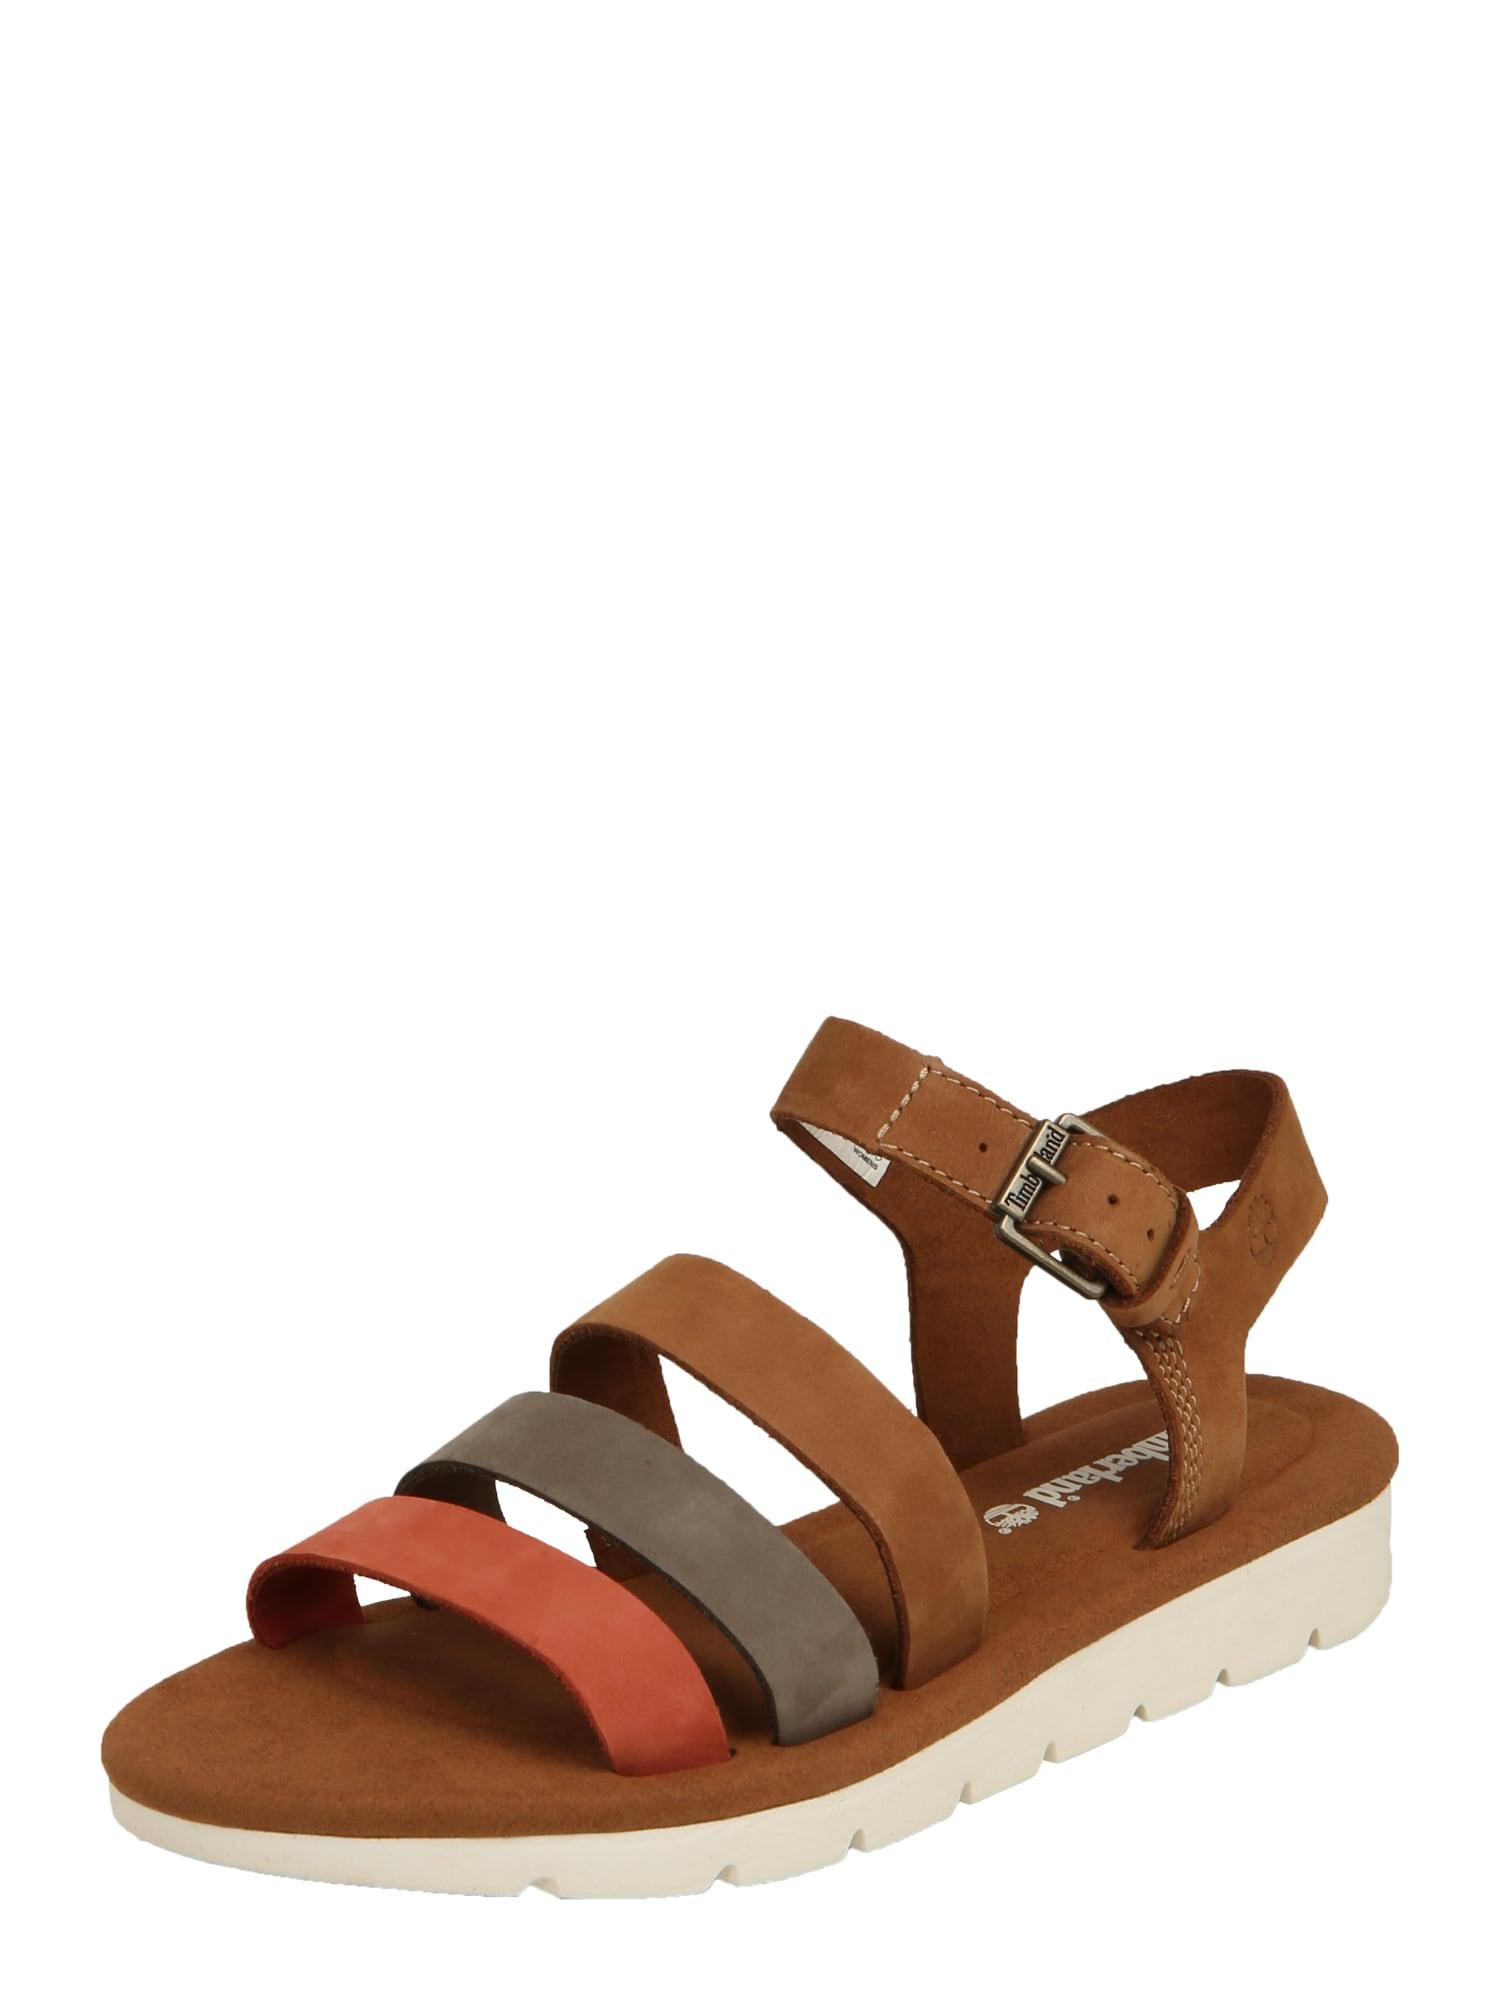 Páskové sandály Lottie Lou 3-Band Sandal hnědá kámen červená TIMBERLAND